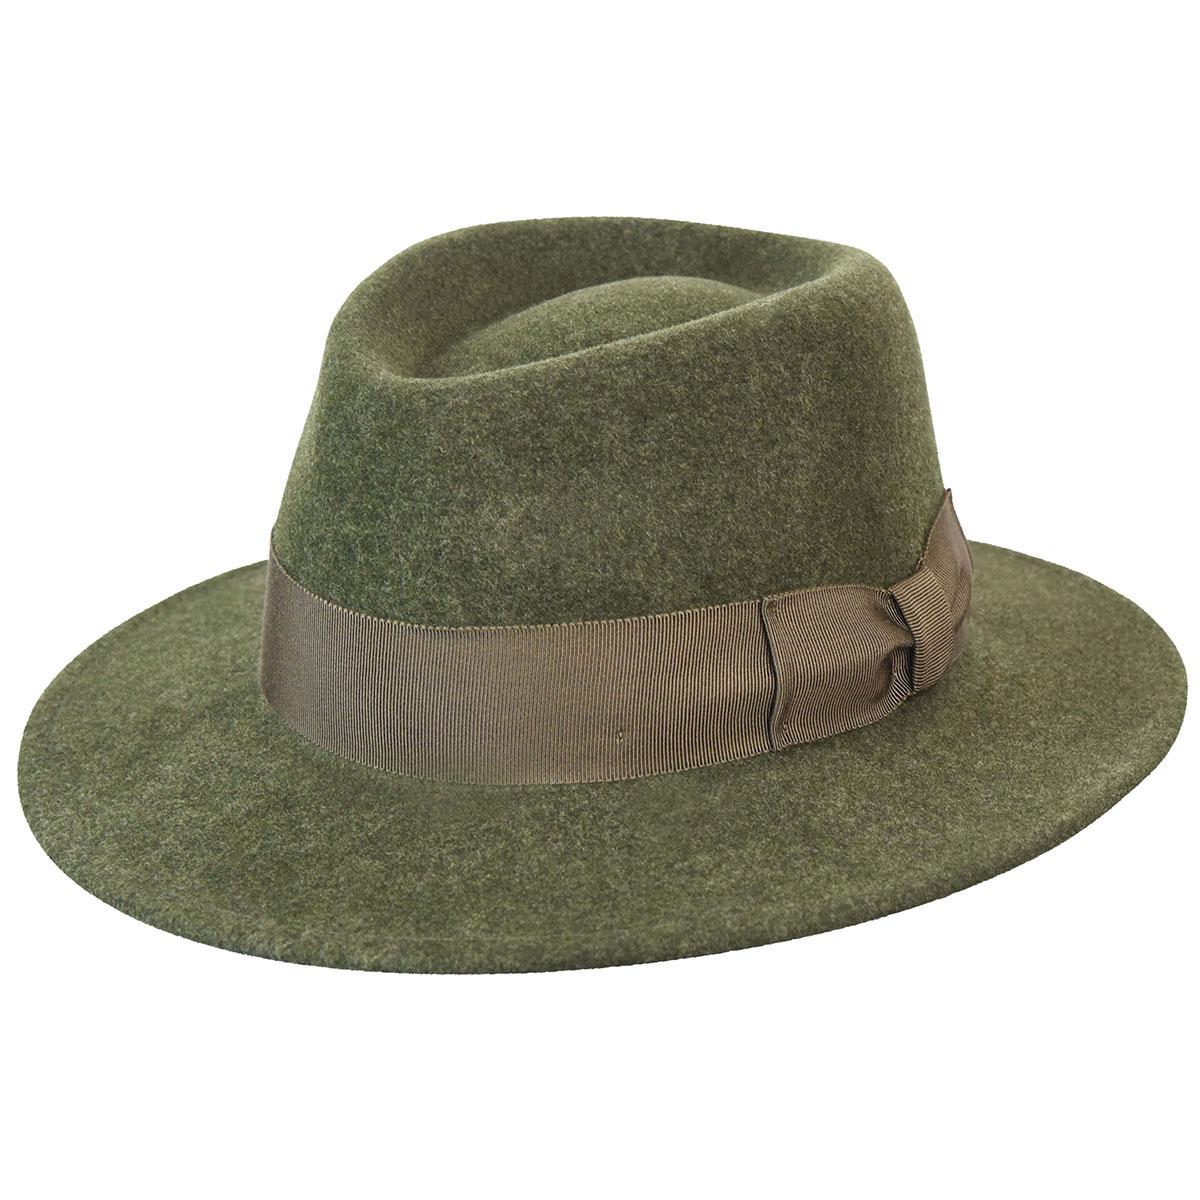 1950s Mens Hats | 50s Vintage Men's Hats Robin LitefeltFedora $105.00 AT vintagedancer.com